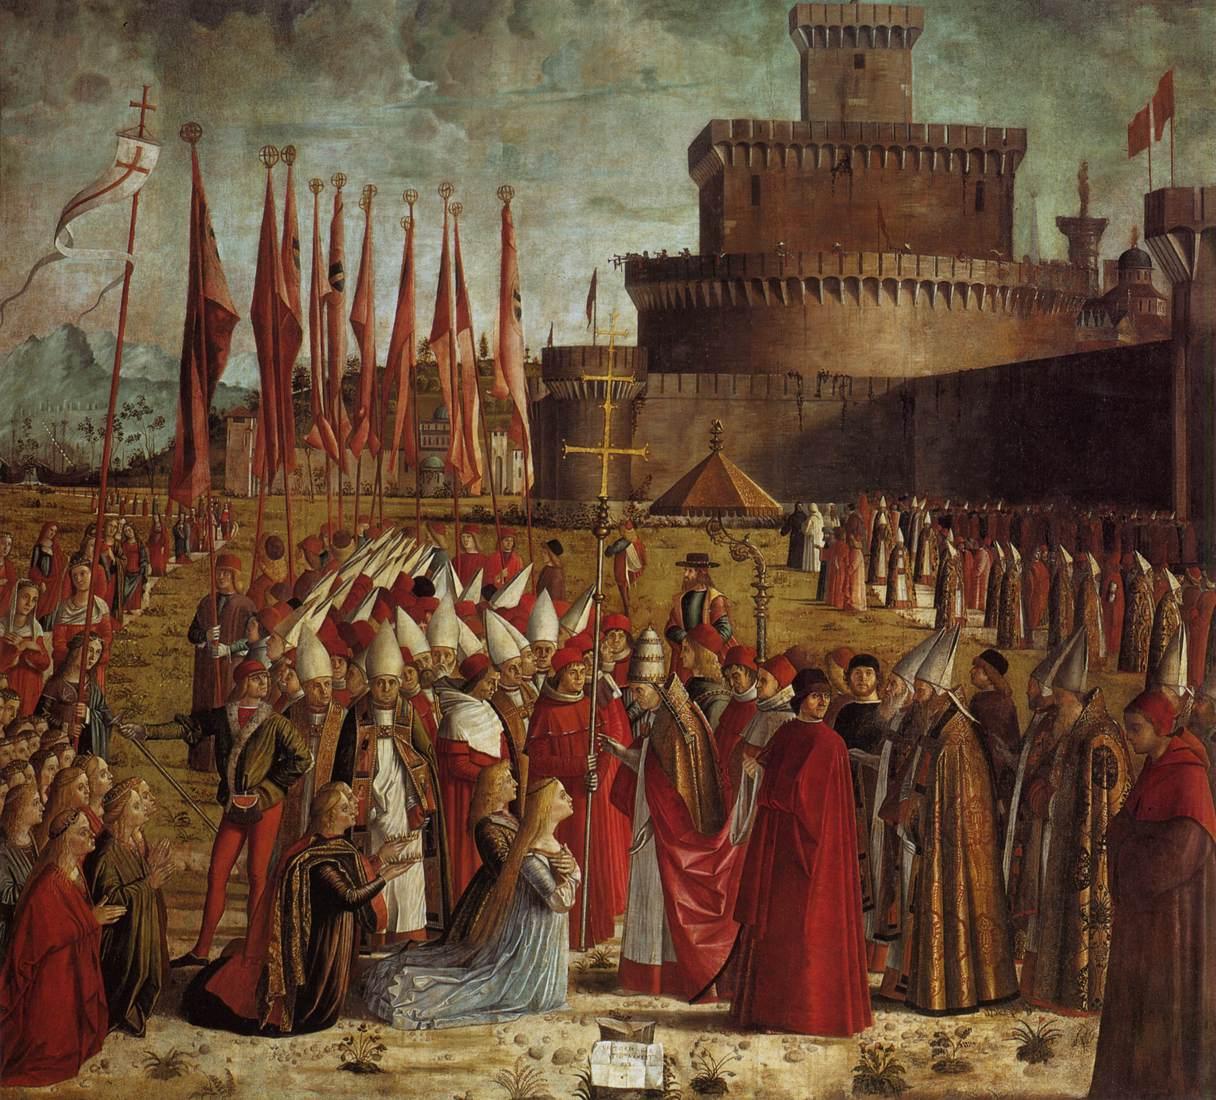 Vittore_carpaccio,_Pilgrims_Meet_the_Pope_01